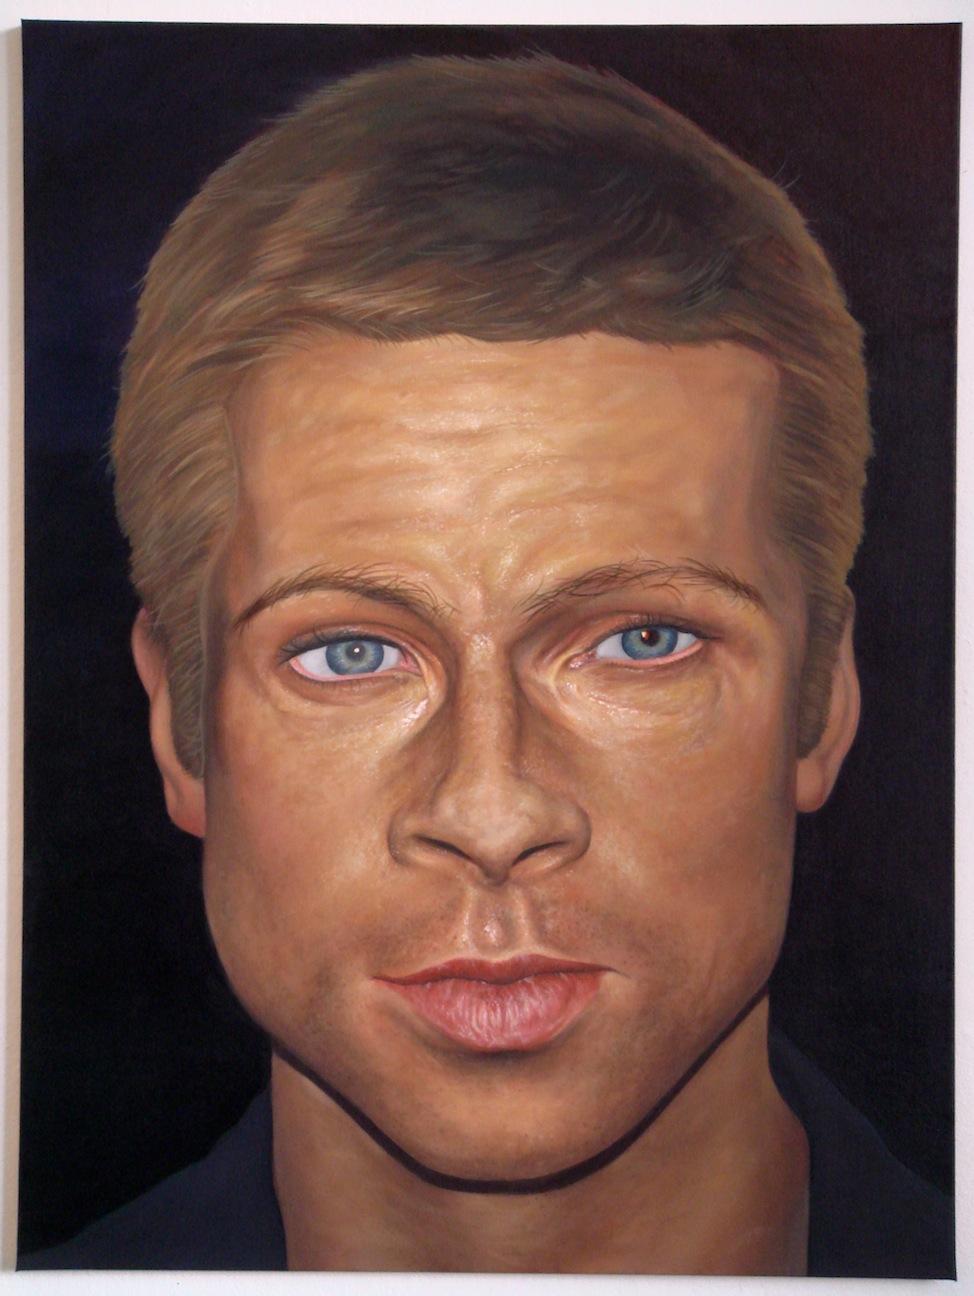 Wax mannequin Brad.JPG